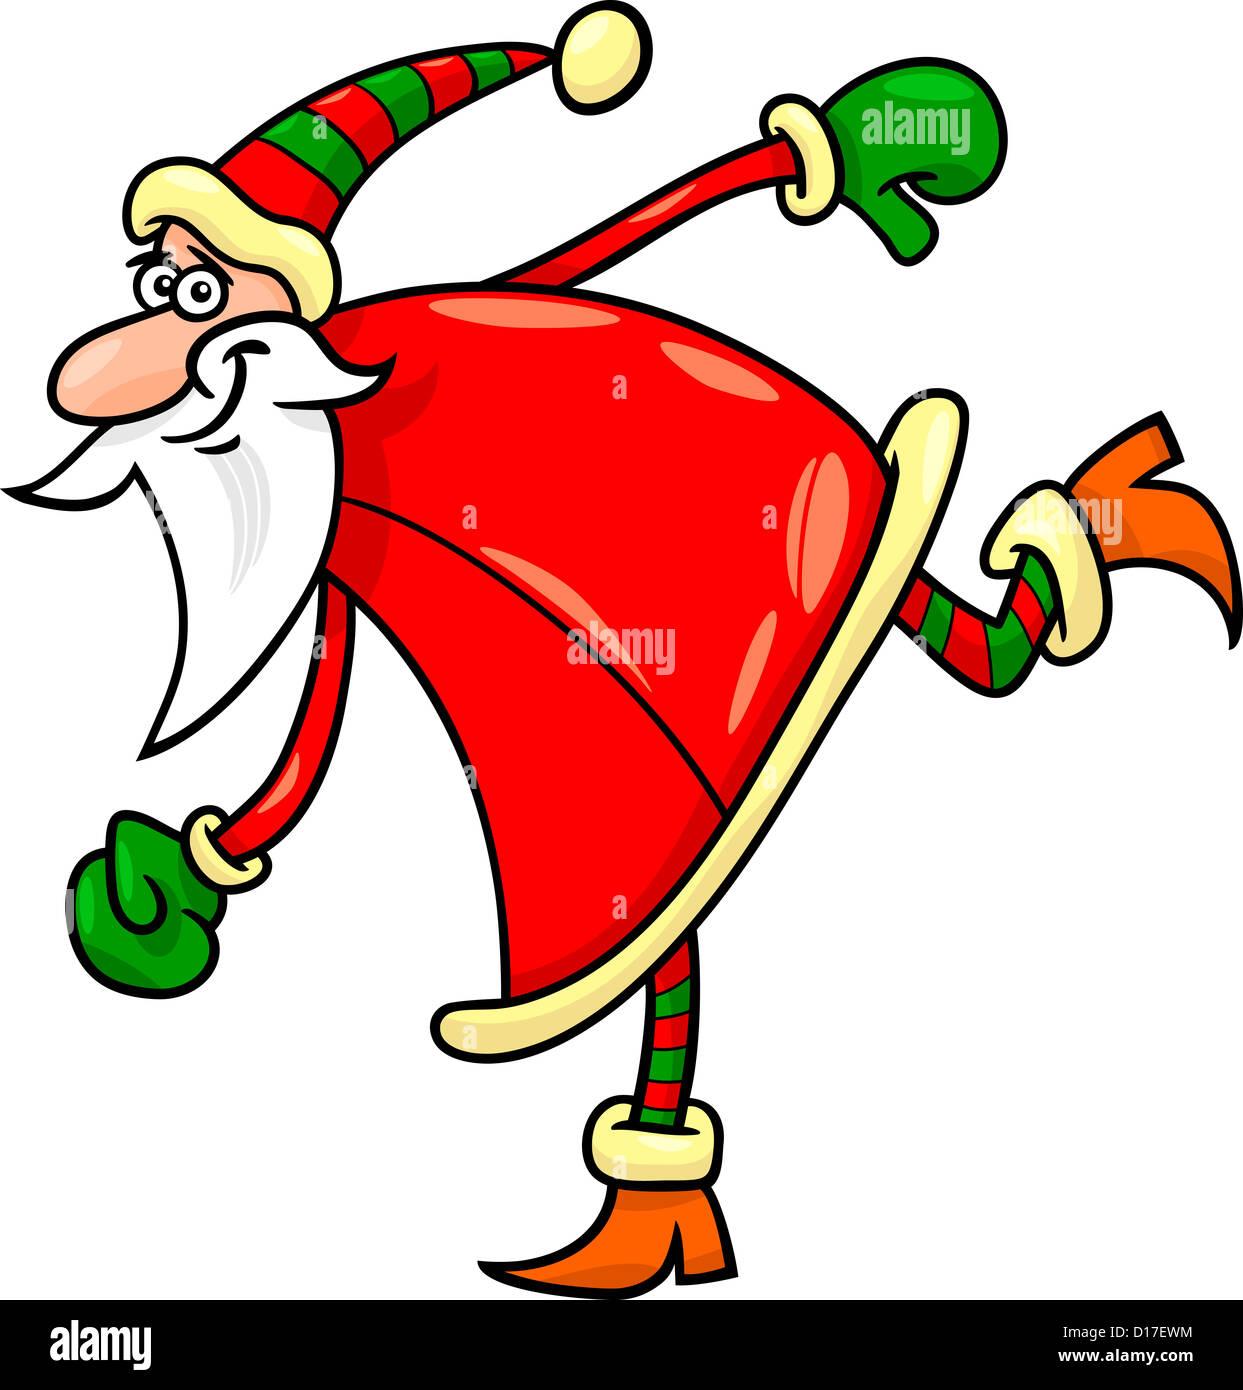 cartoon illustration of funny running or sliding santa claus or